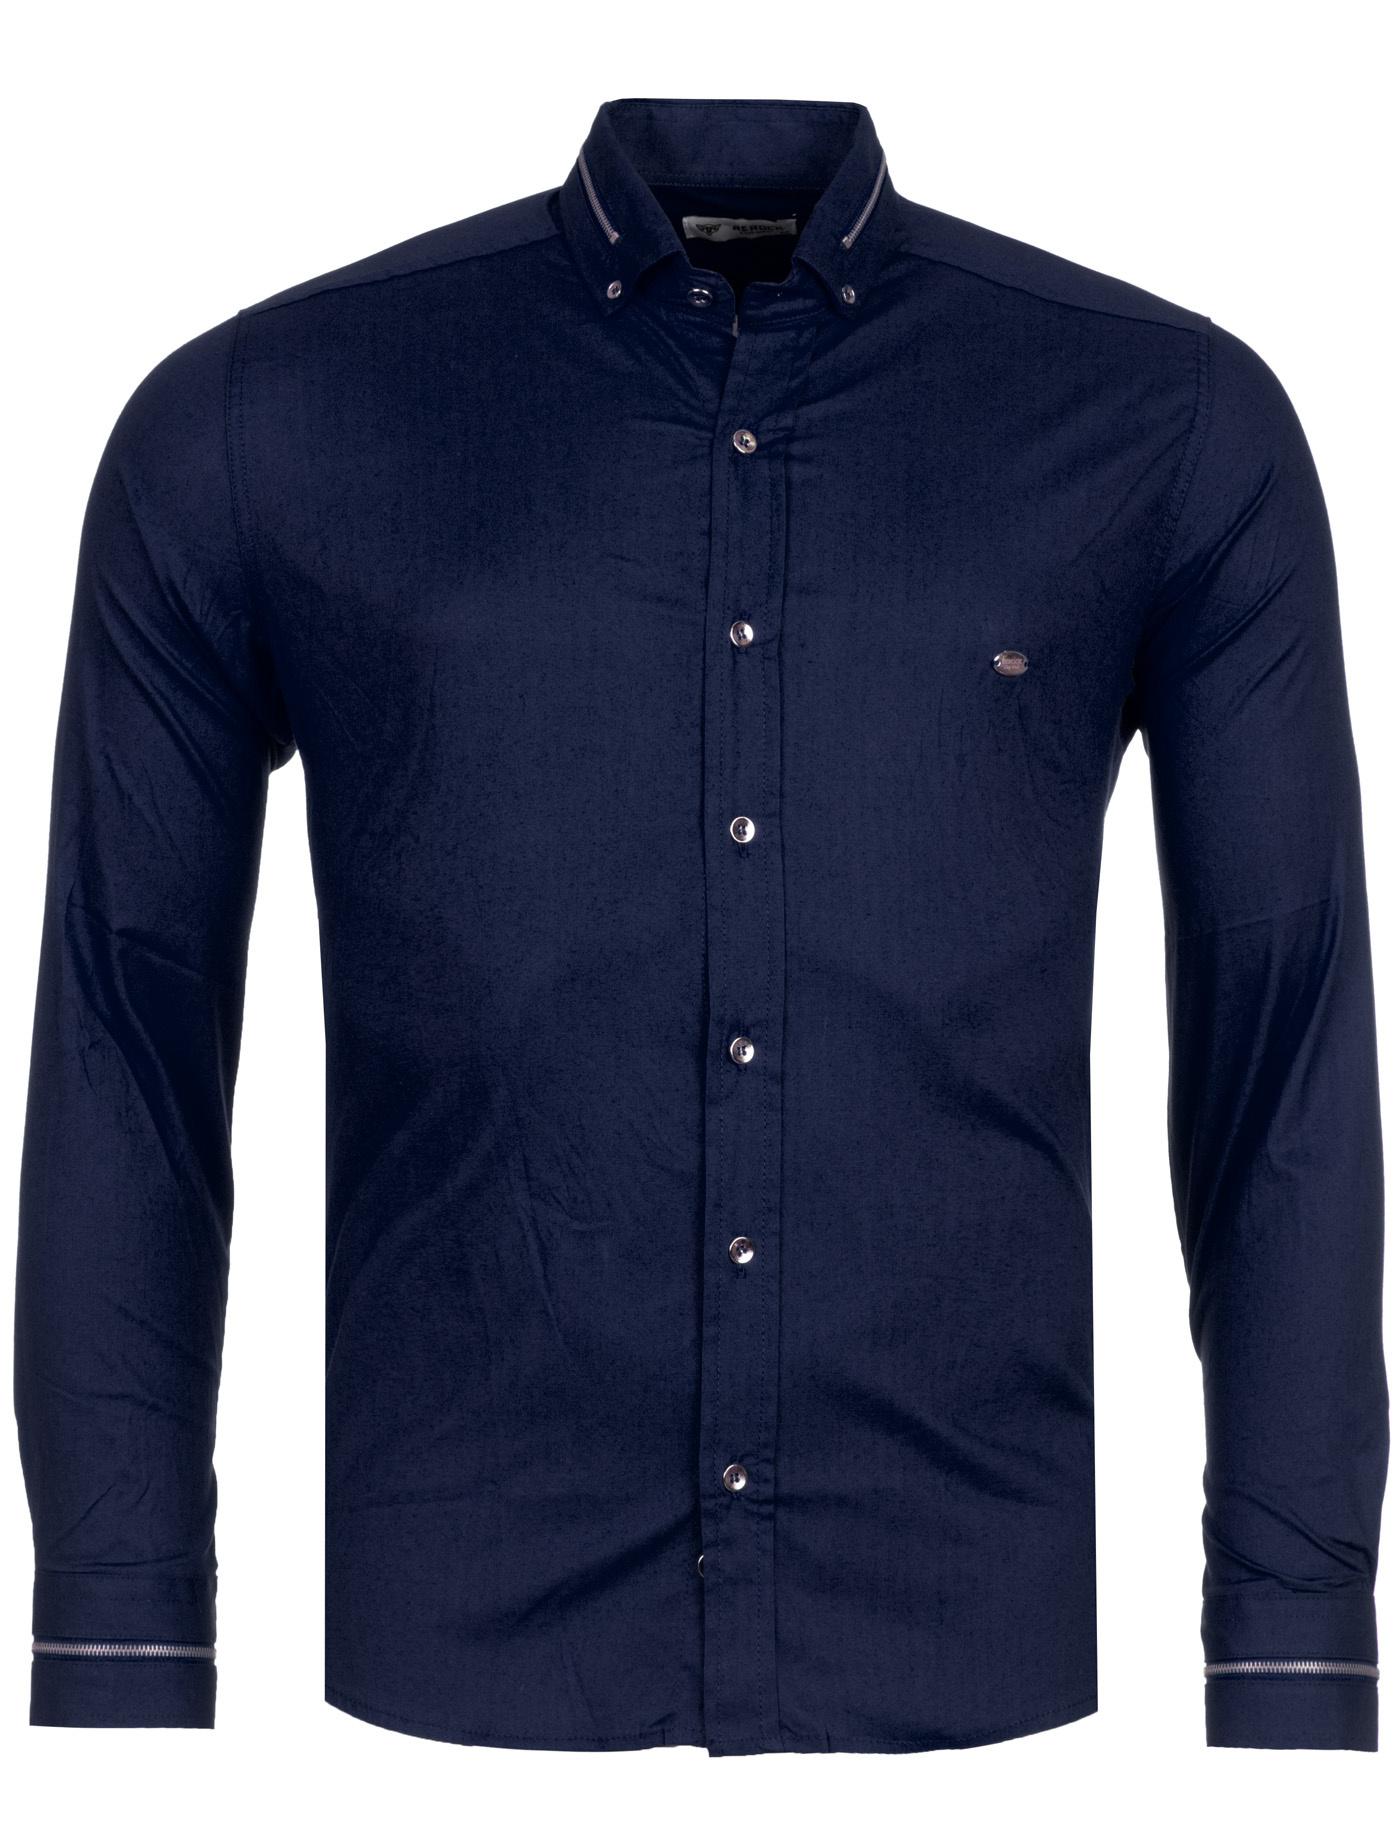 Overhemd marineblauw